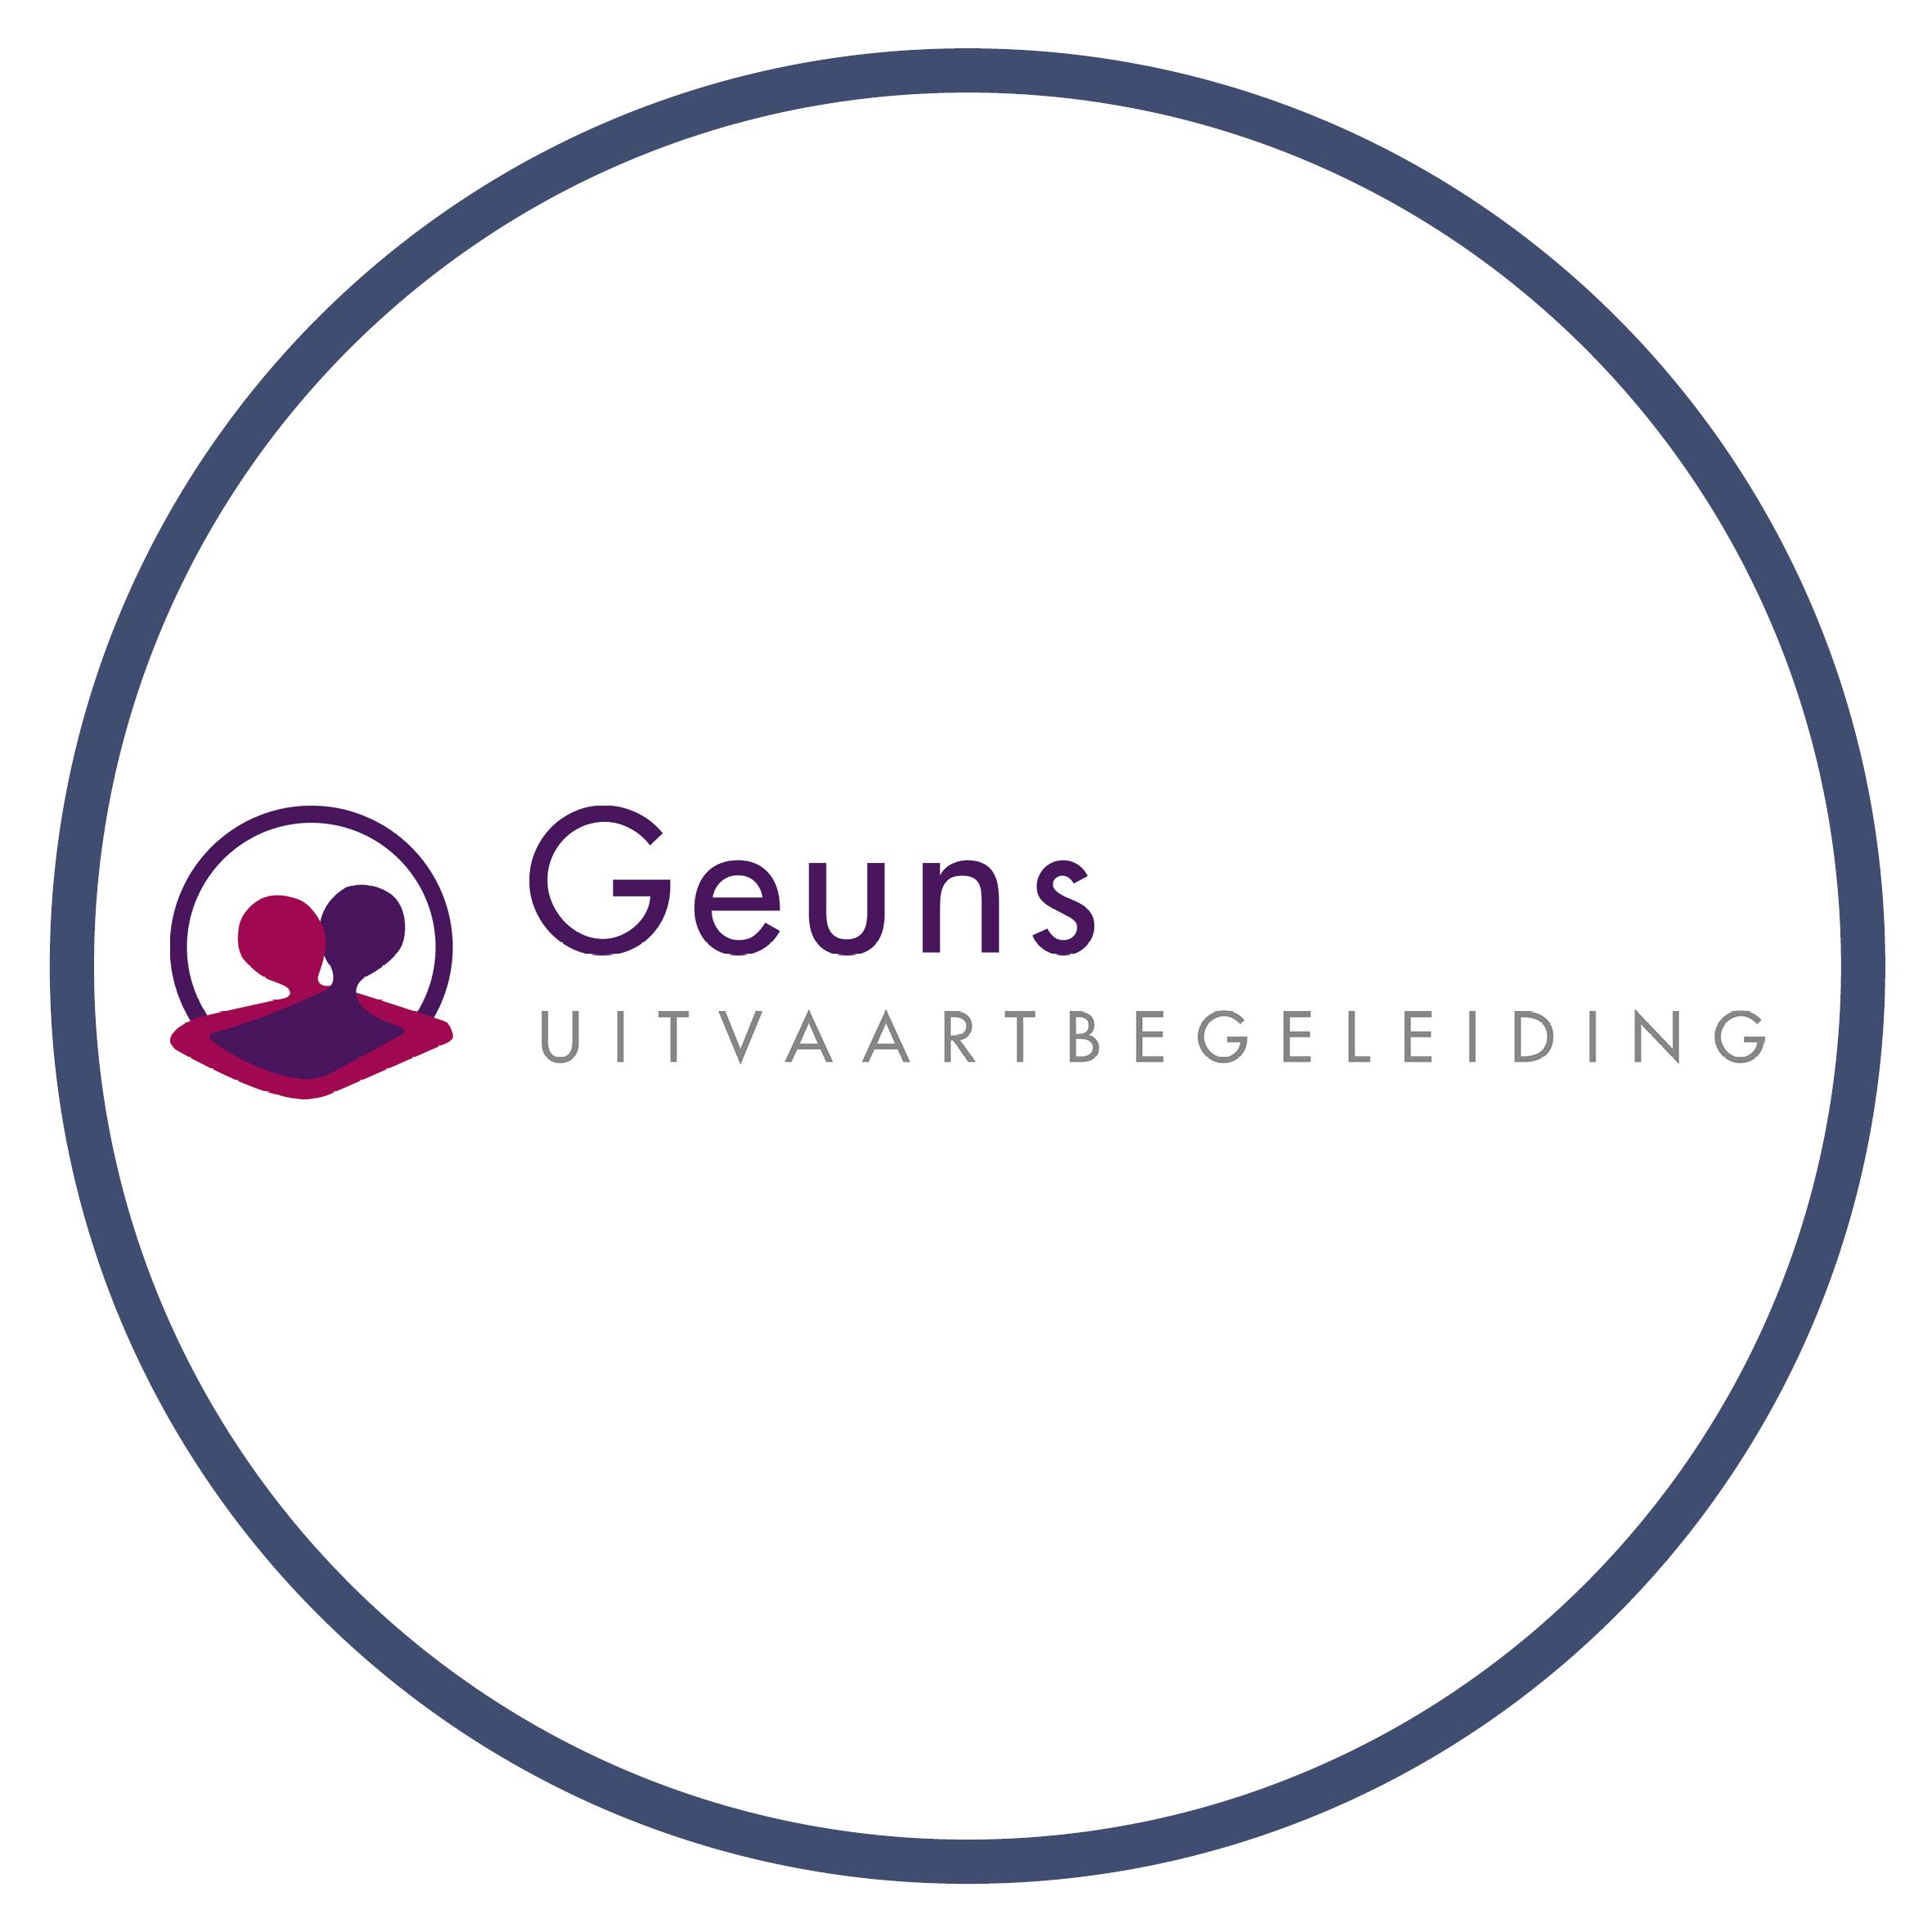 Geuns